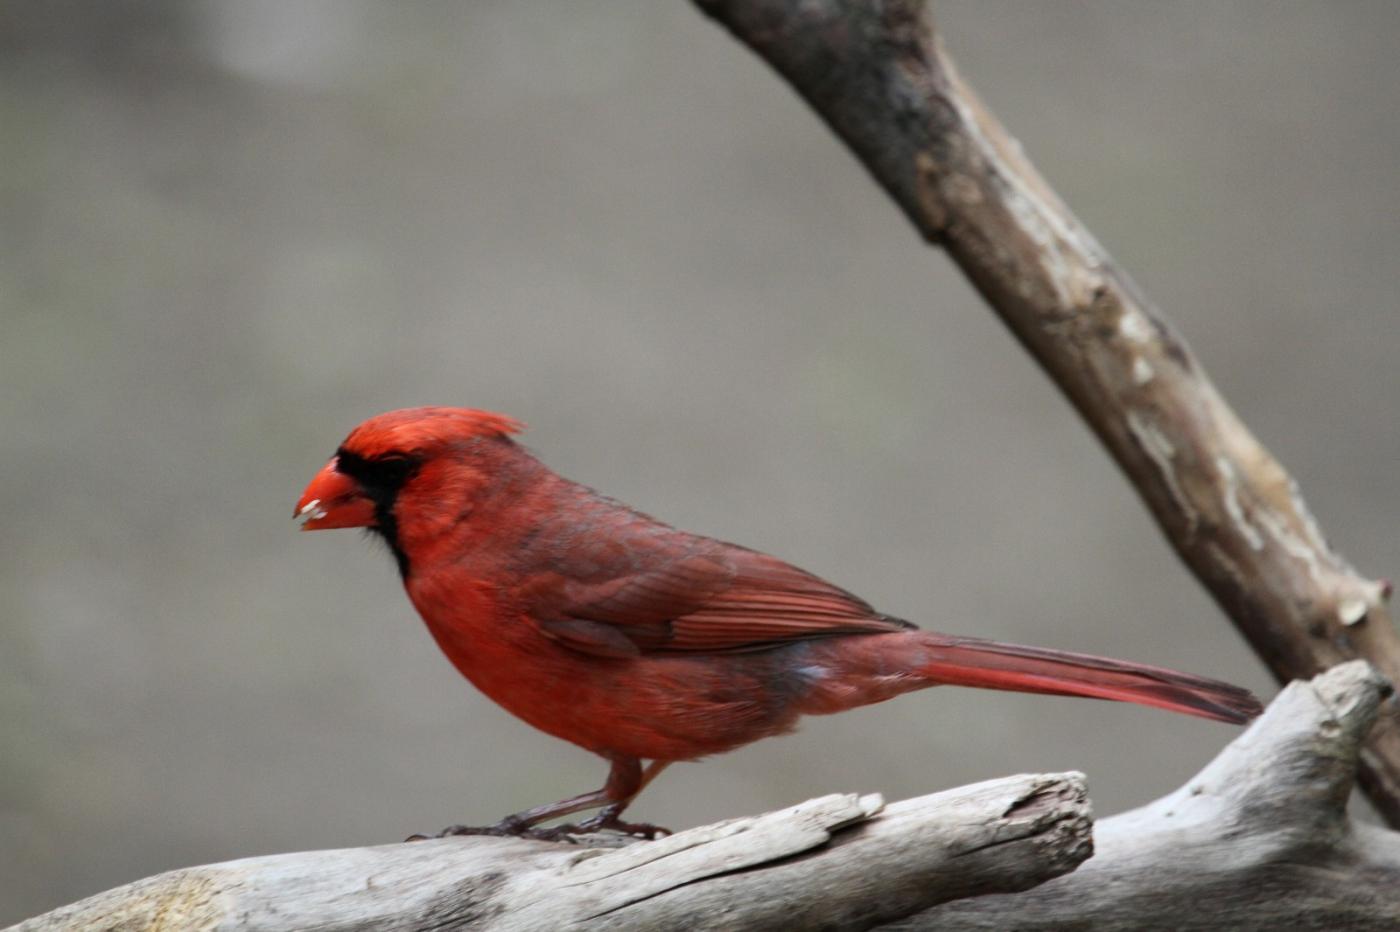 【田螺摄影】有吃的主教鸟还会挑肥拣瘦_图1-14